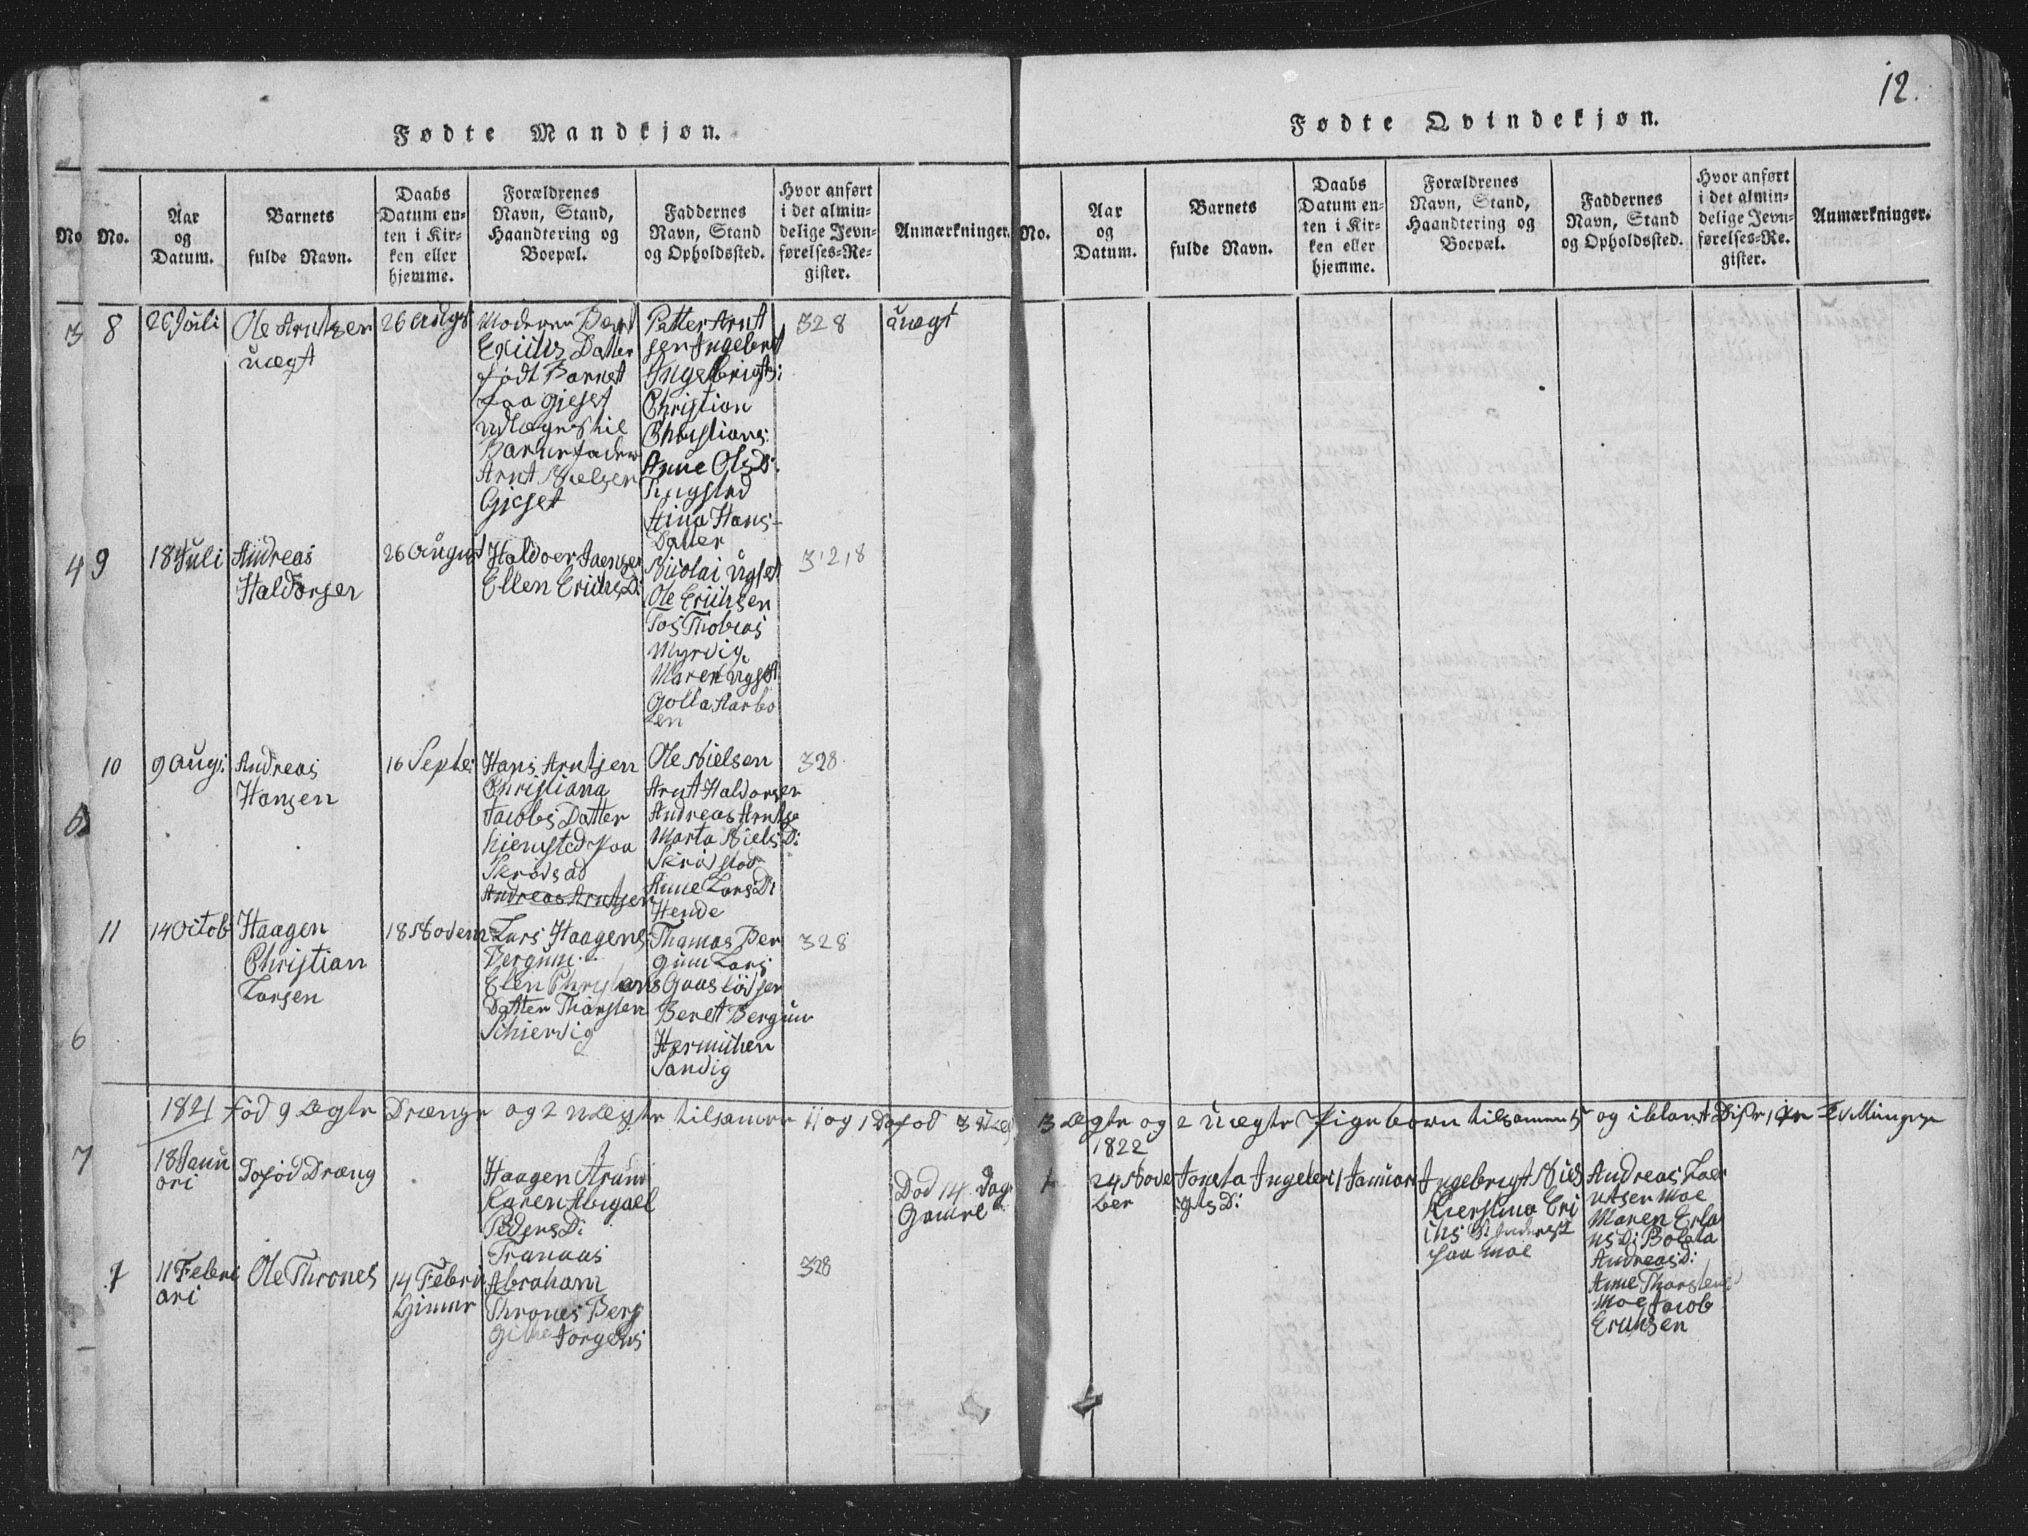 SAT, Ministerialprotokoller, klokkerbøker og fødselsregistre - Nord-Trøndelag, 773/L0613: Ministerialbok nr. 773A04, 1815-1845, s. 12